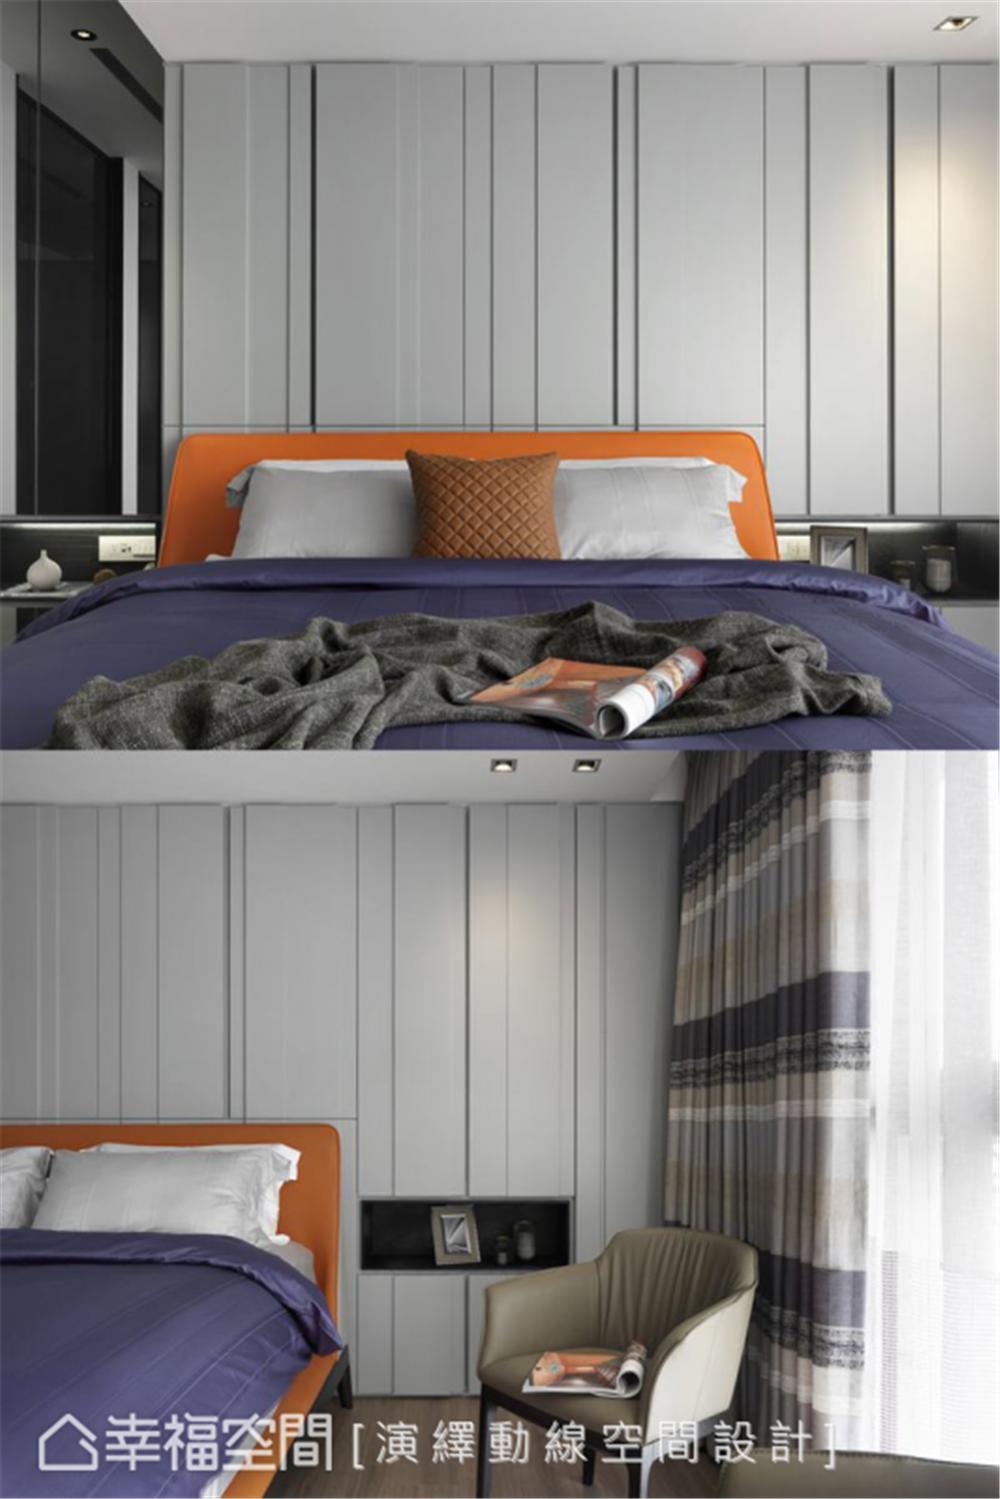 装修设计 装修完成 现代风格 卧室图片来自幸福空间在198平,现代新东方 幸福之家的分享